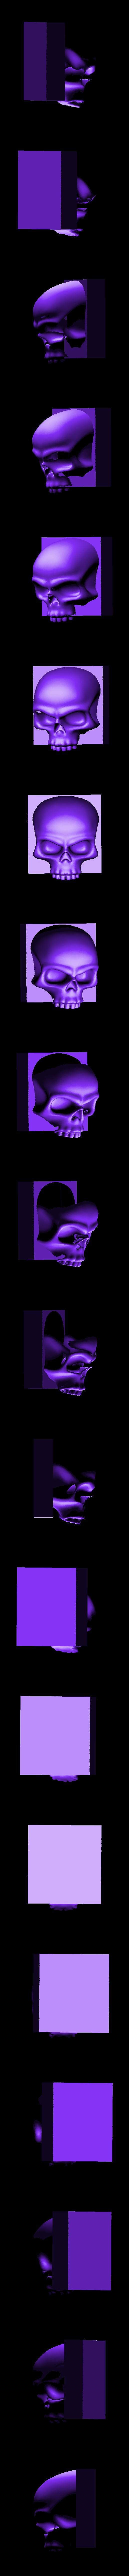 SKULL_LEFT.stl Download free STL file FLAG - MEGA PACK FOR IMPERIAL GUNS • 3D printer template, yaemhay